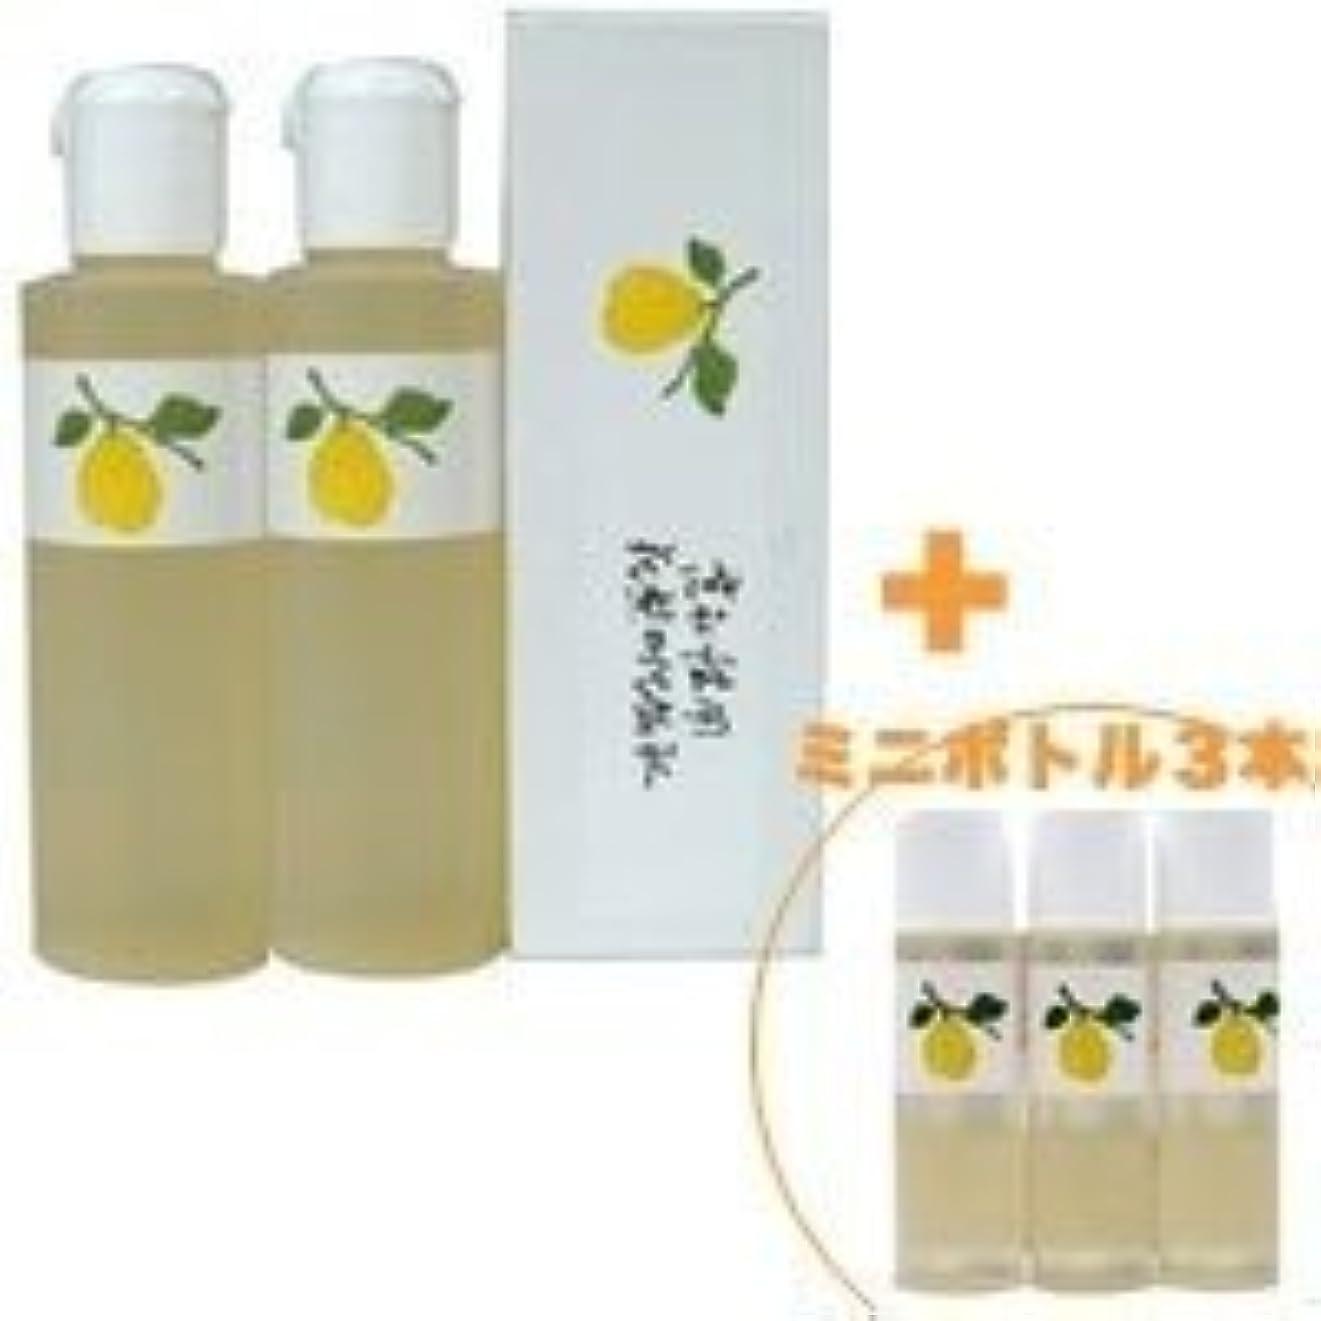 同志領収書制限する花梨の化粧水 200ml 2本&ミニボトル 3本 美容液 栄養クリームのいらないお肌へ 保湿と乾燥対策に